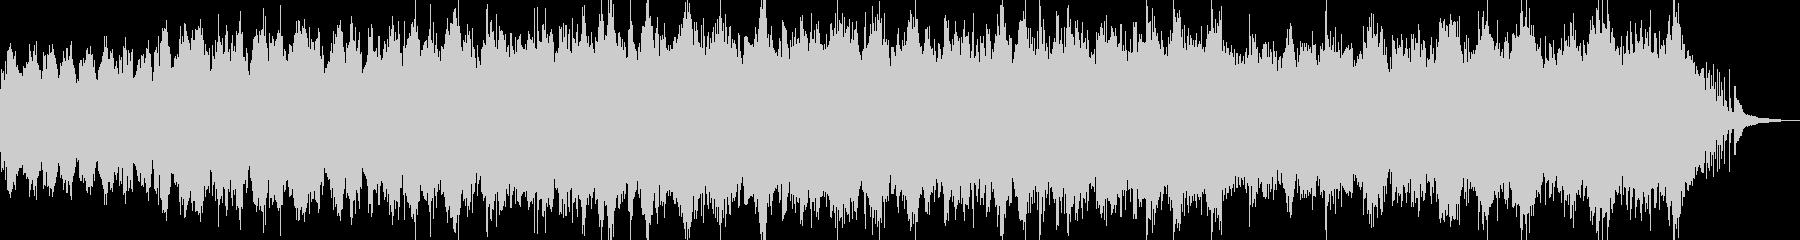 流れるピアノが印象的な癒しBGM Aの未再生の波形